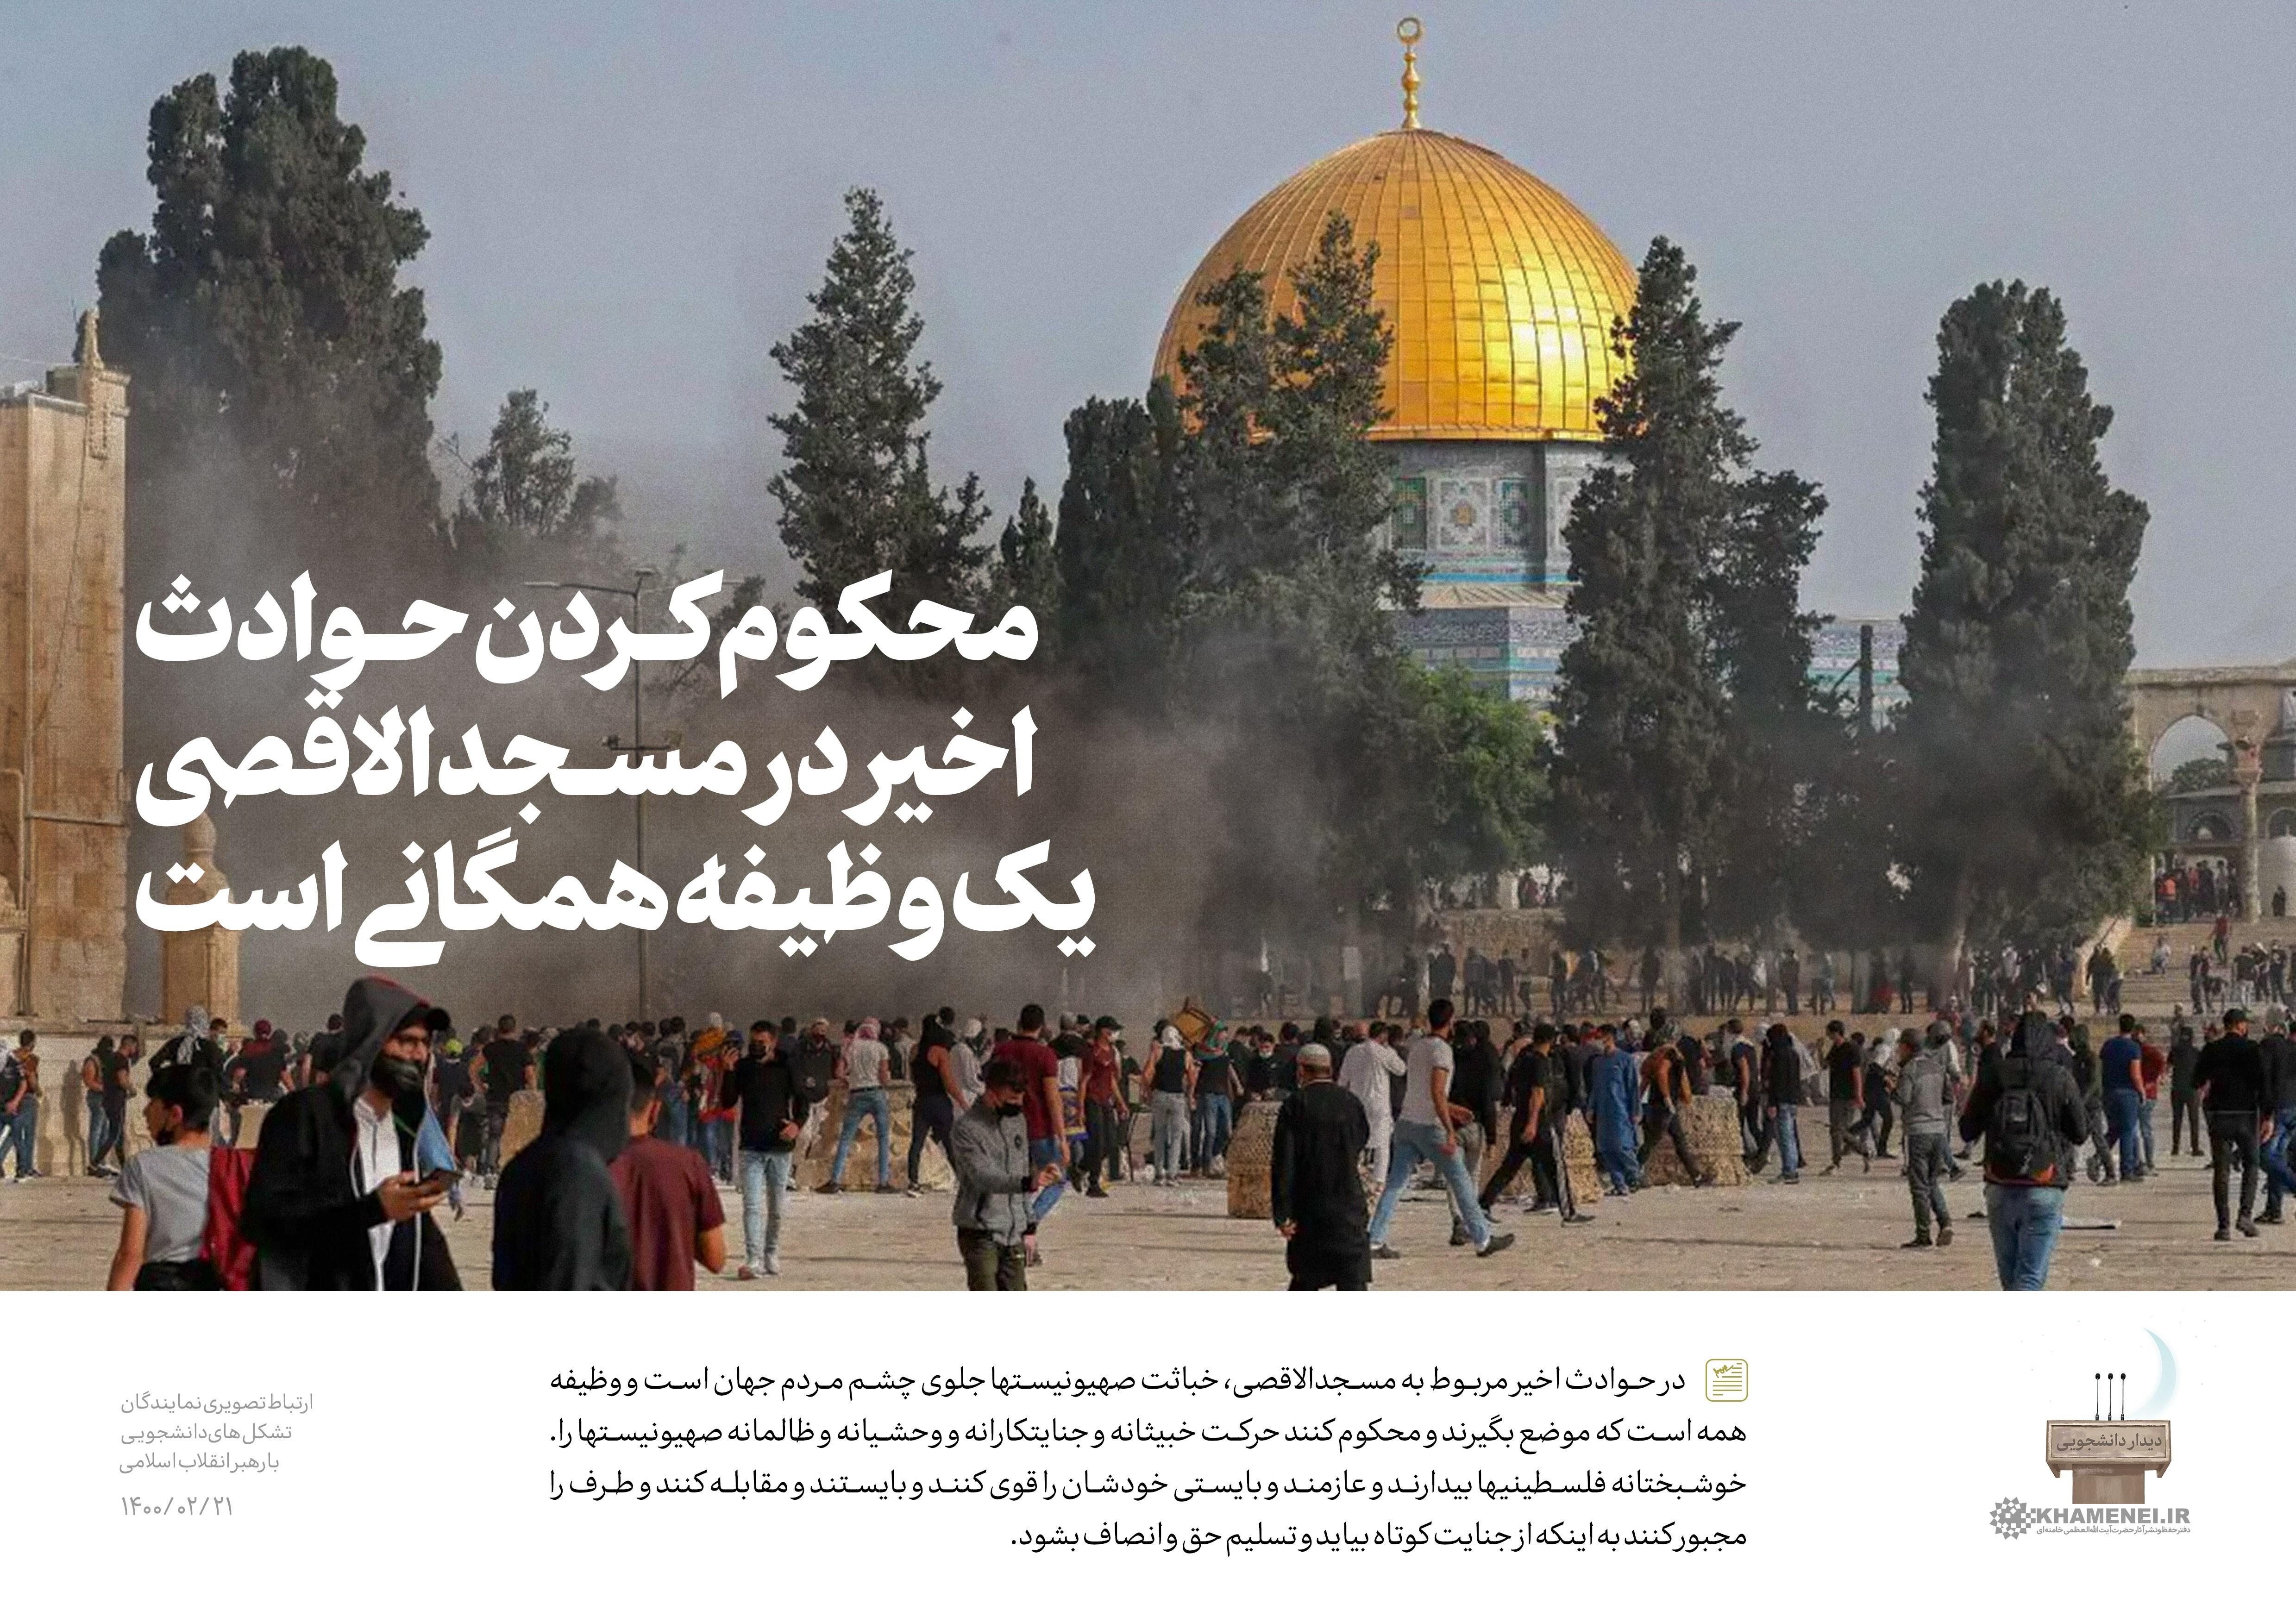 امام خامنهای , بیت المقدس , کشور فلسطین , کشور افغانستان , شهدای جهان اسلام ,